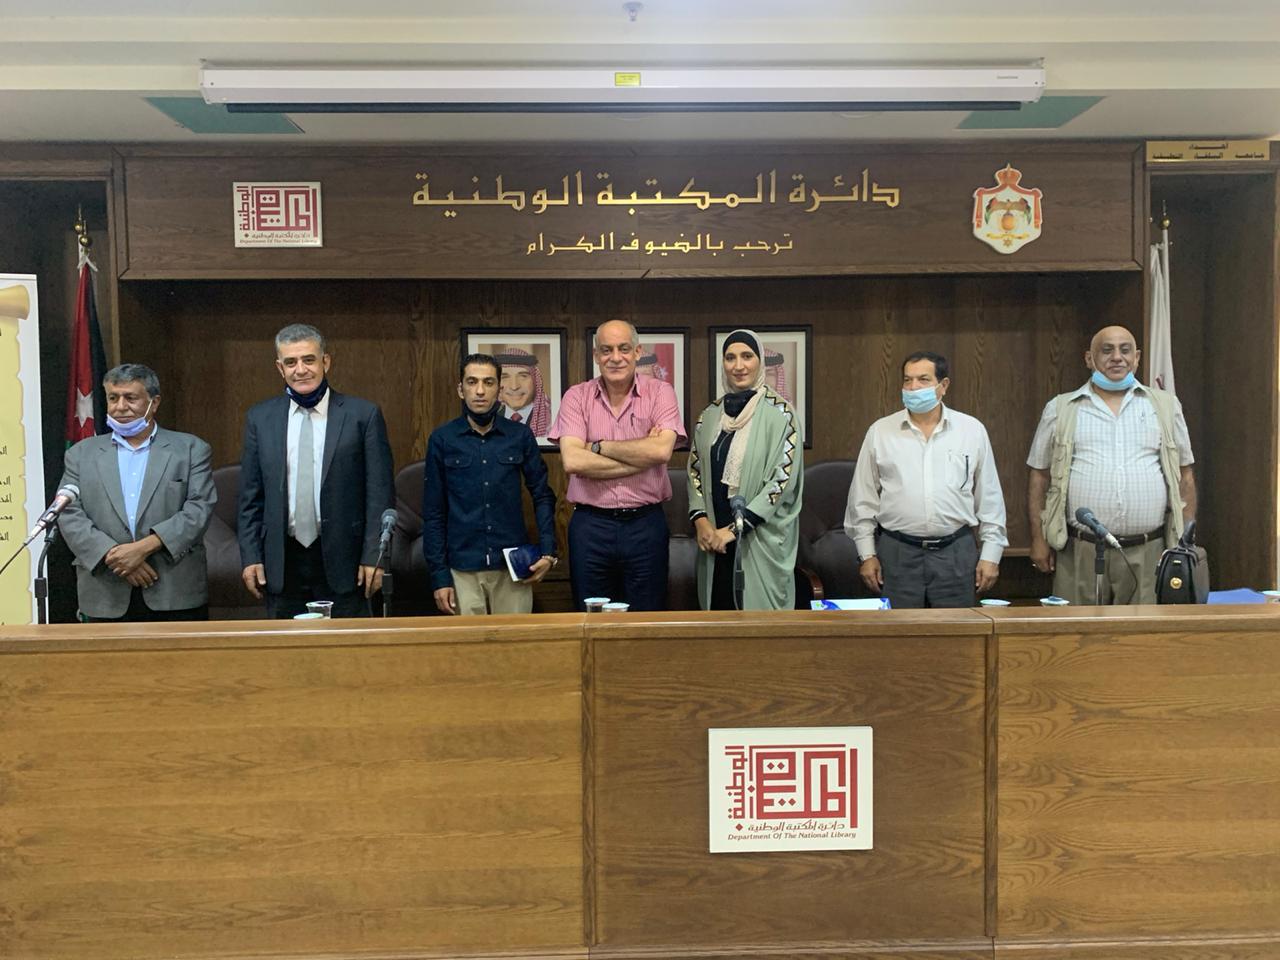 بيت شعر المفرق يقيم امسية شعرية بالمكتبة الوطنية